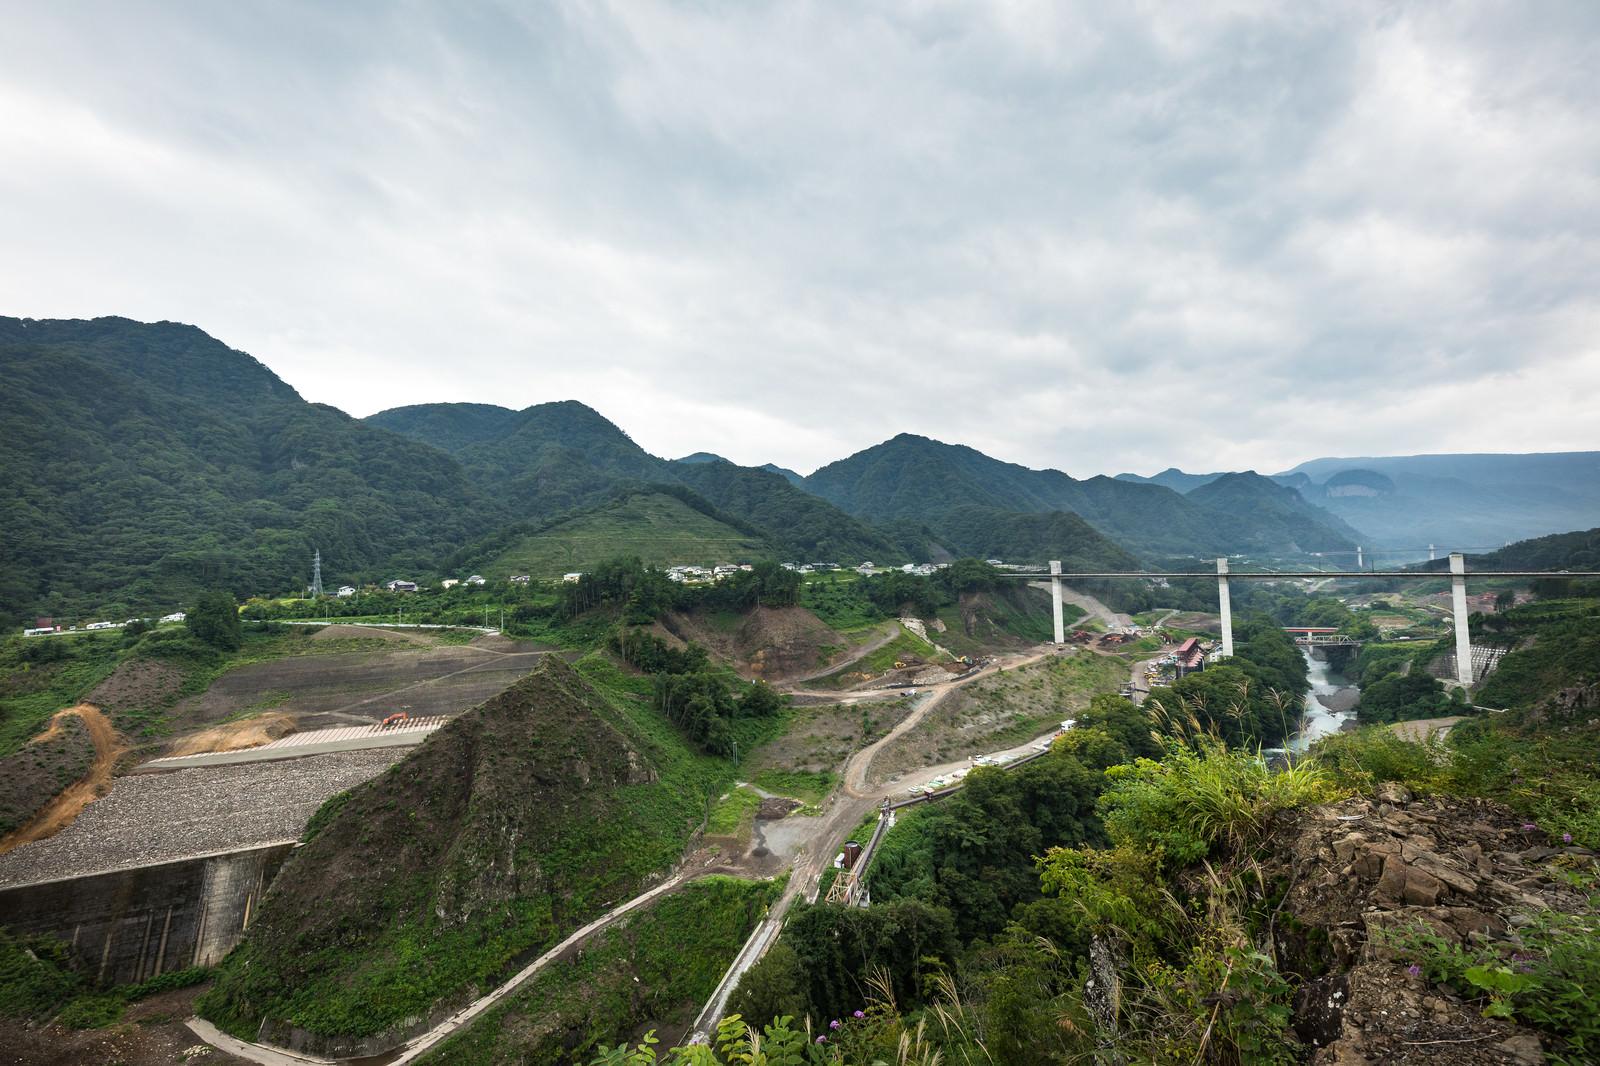 「やんば見放台からの景観」の写真